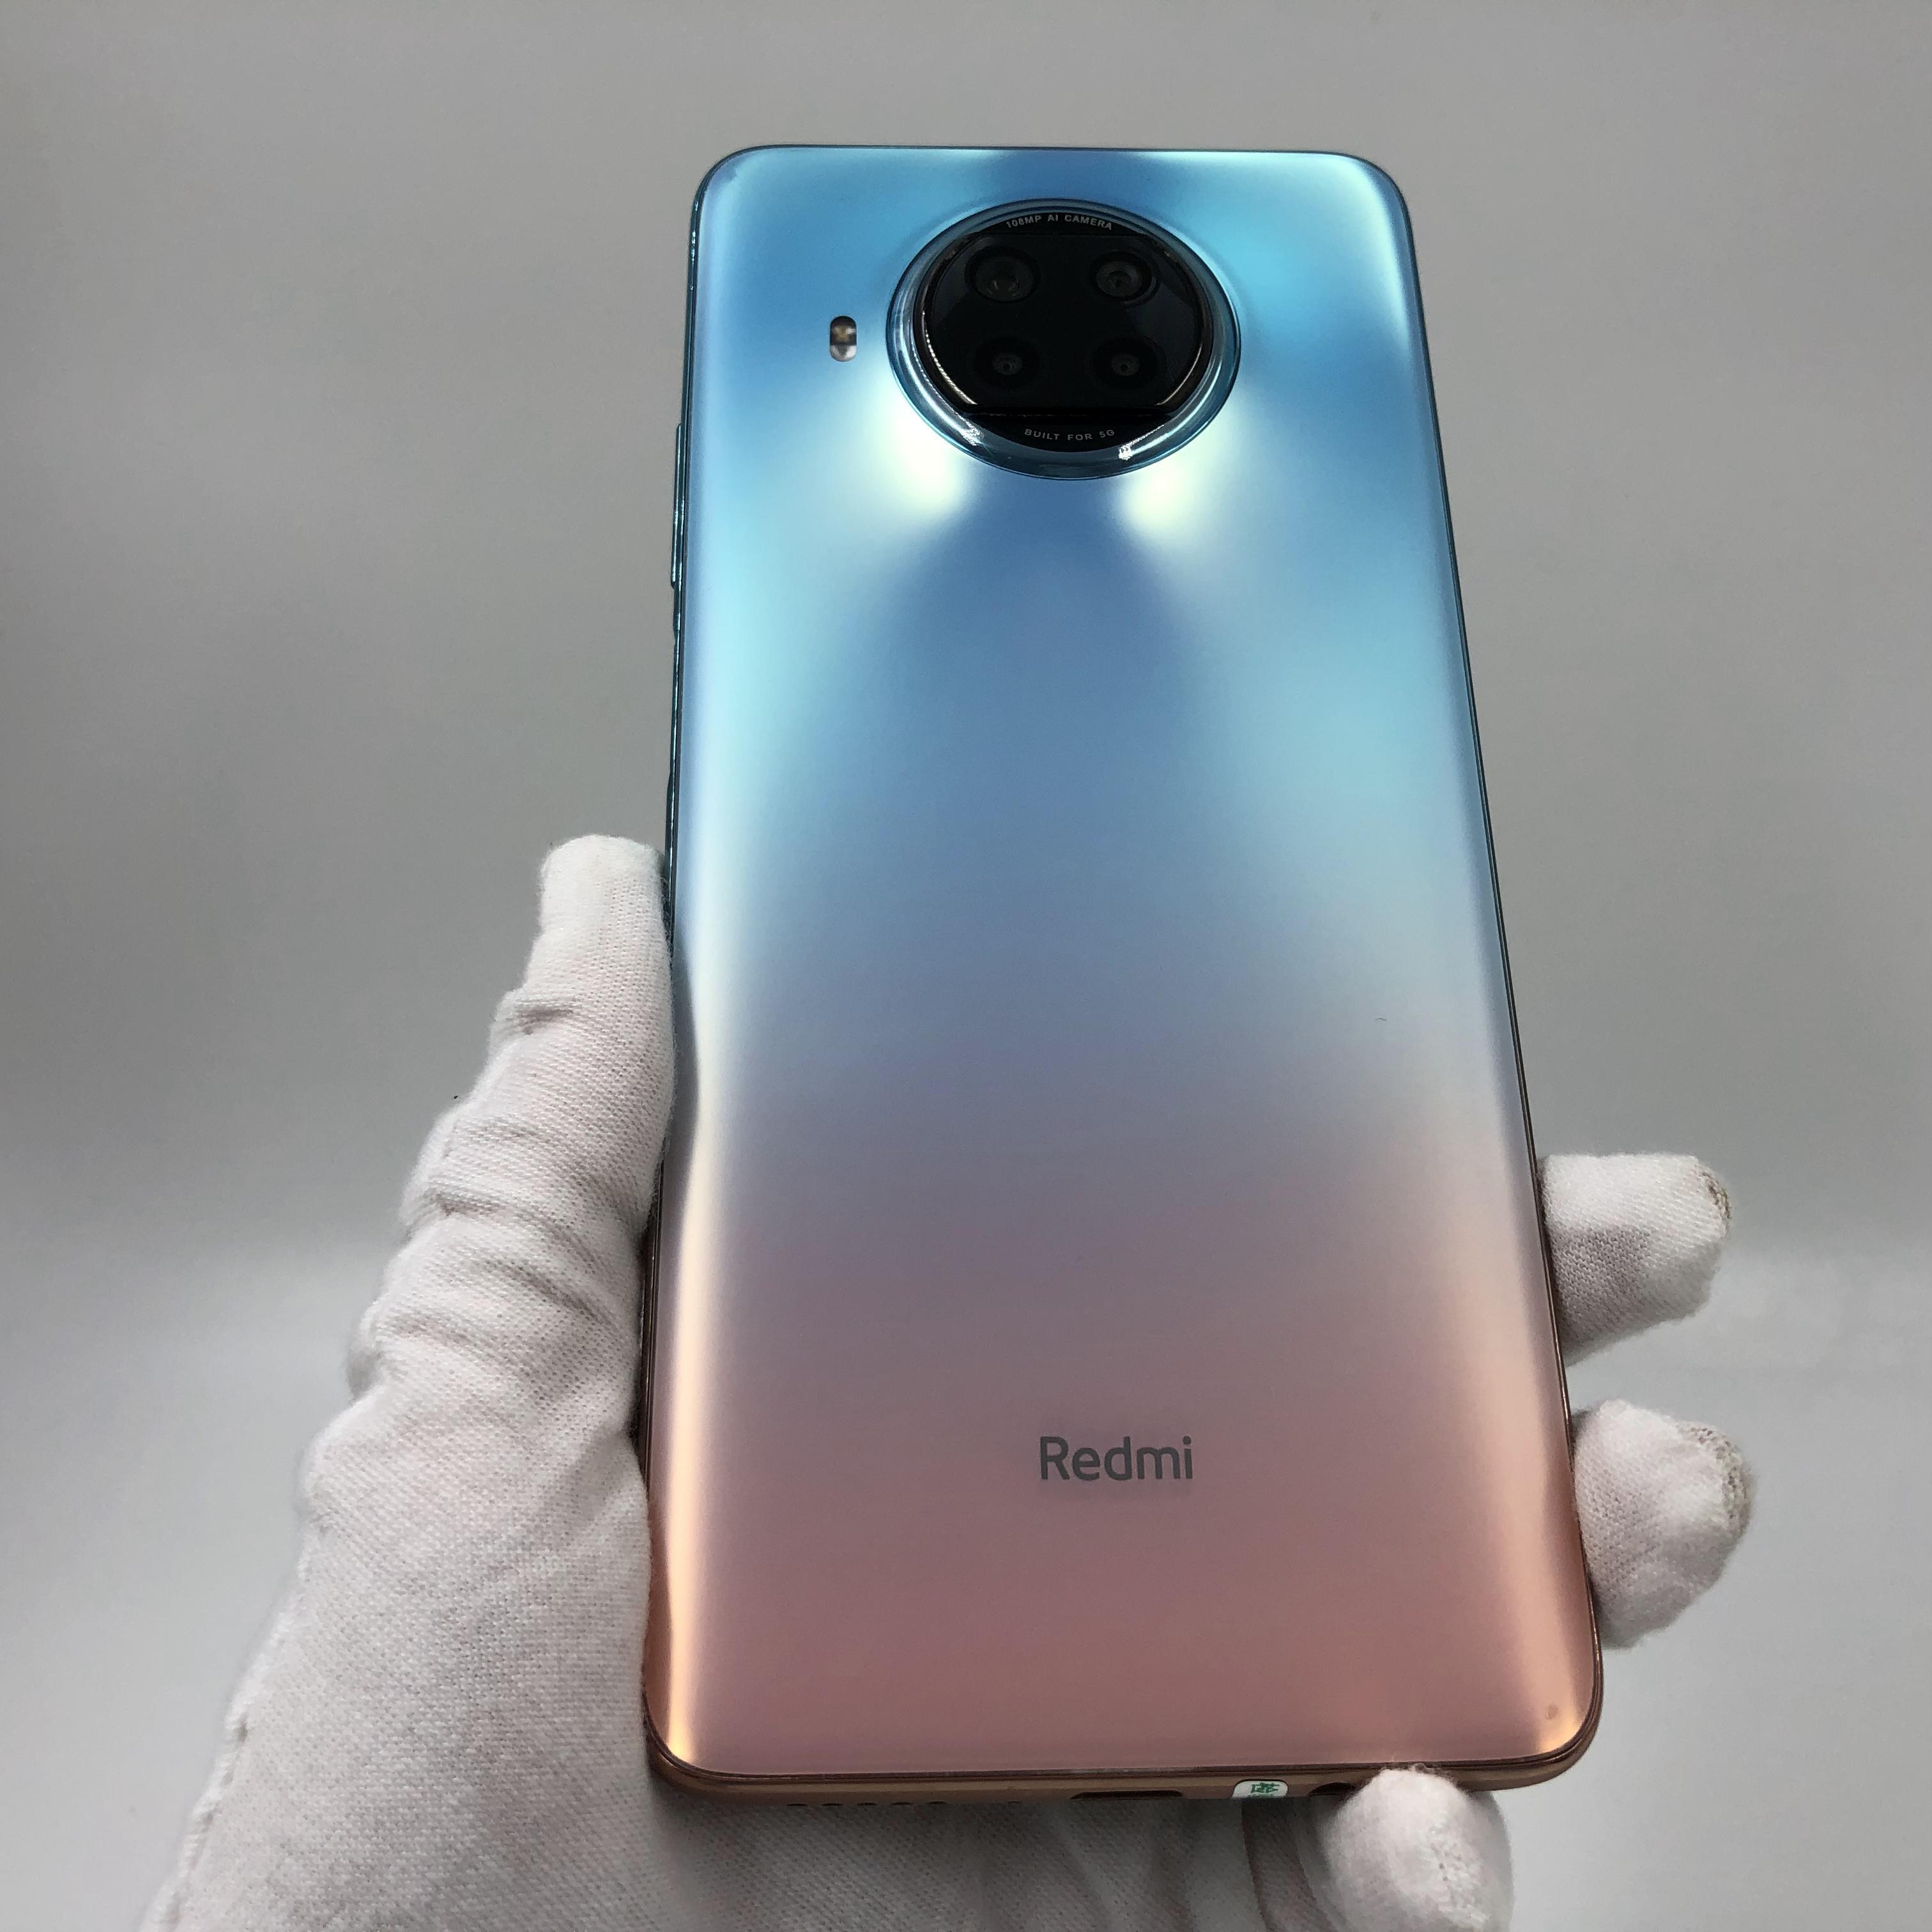 小米【Redmi Note 9 Pro 5G】5G全网通 湖光秋色 8G/256G 国行 9成新 真机实拍